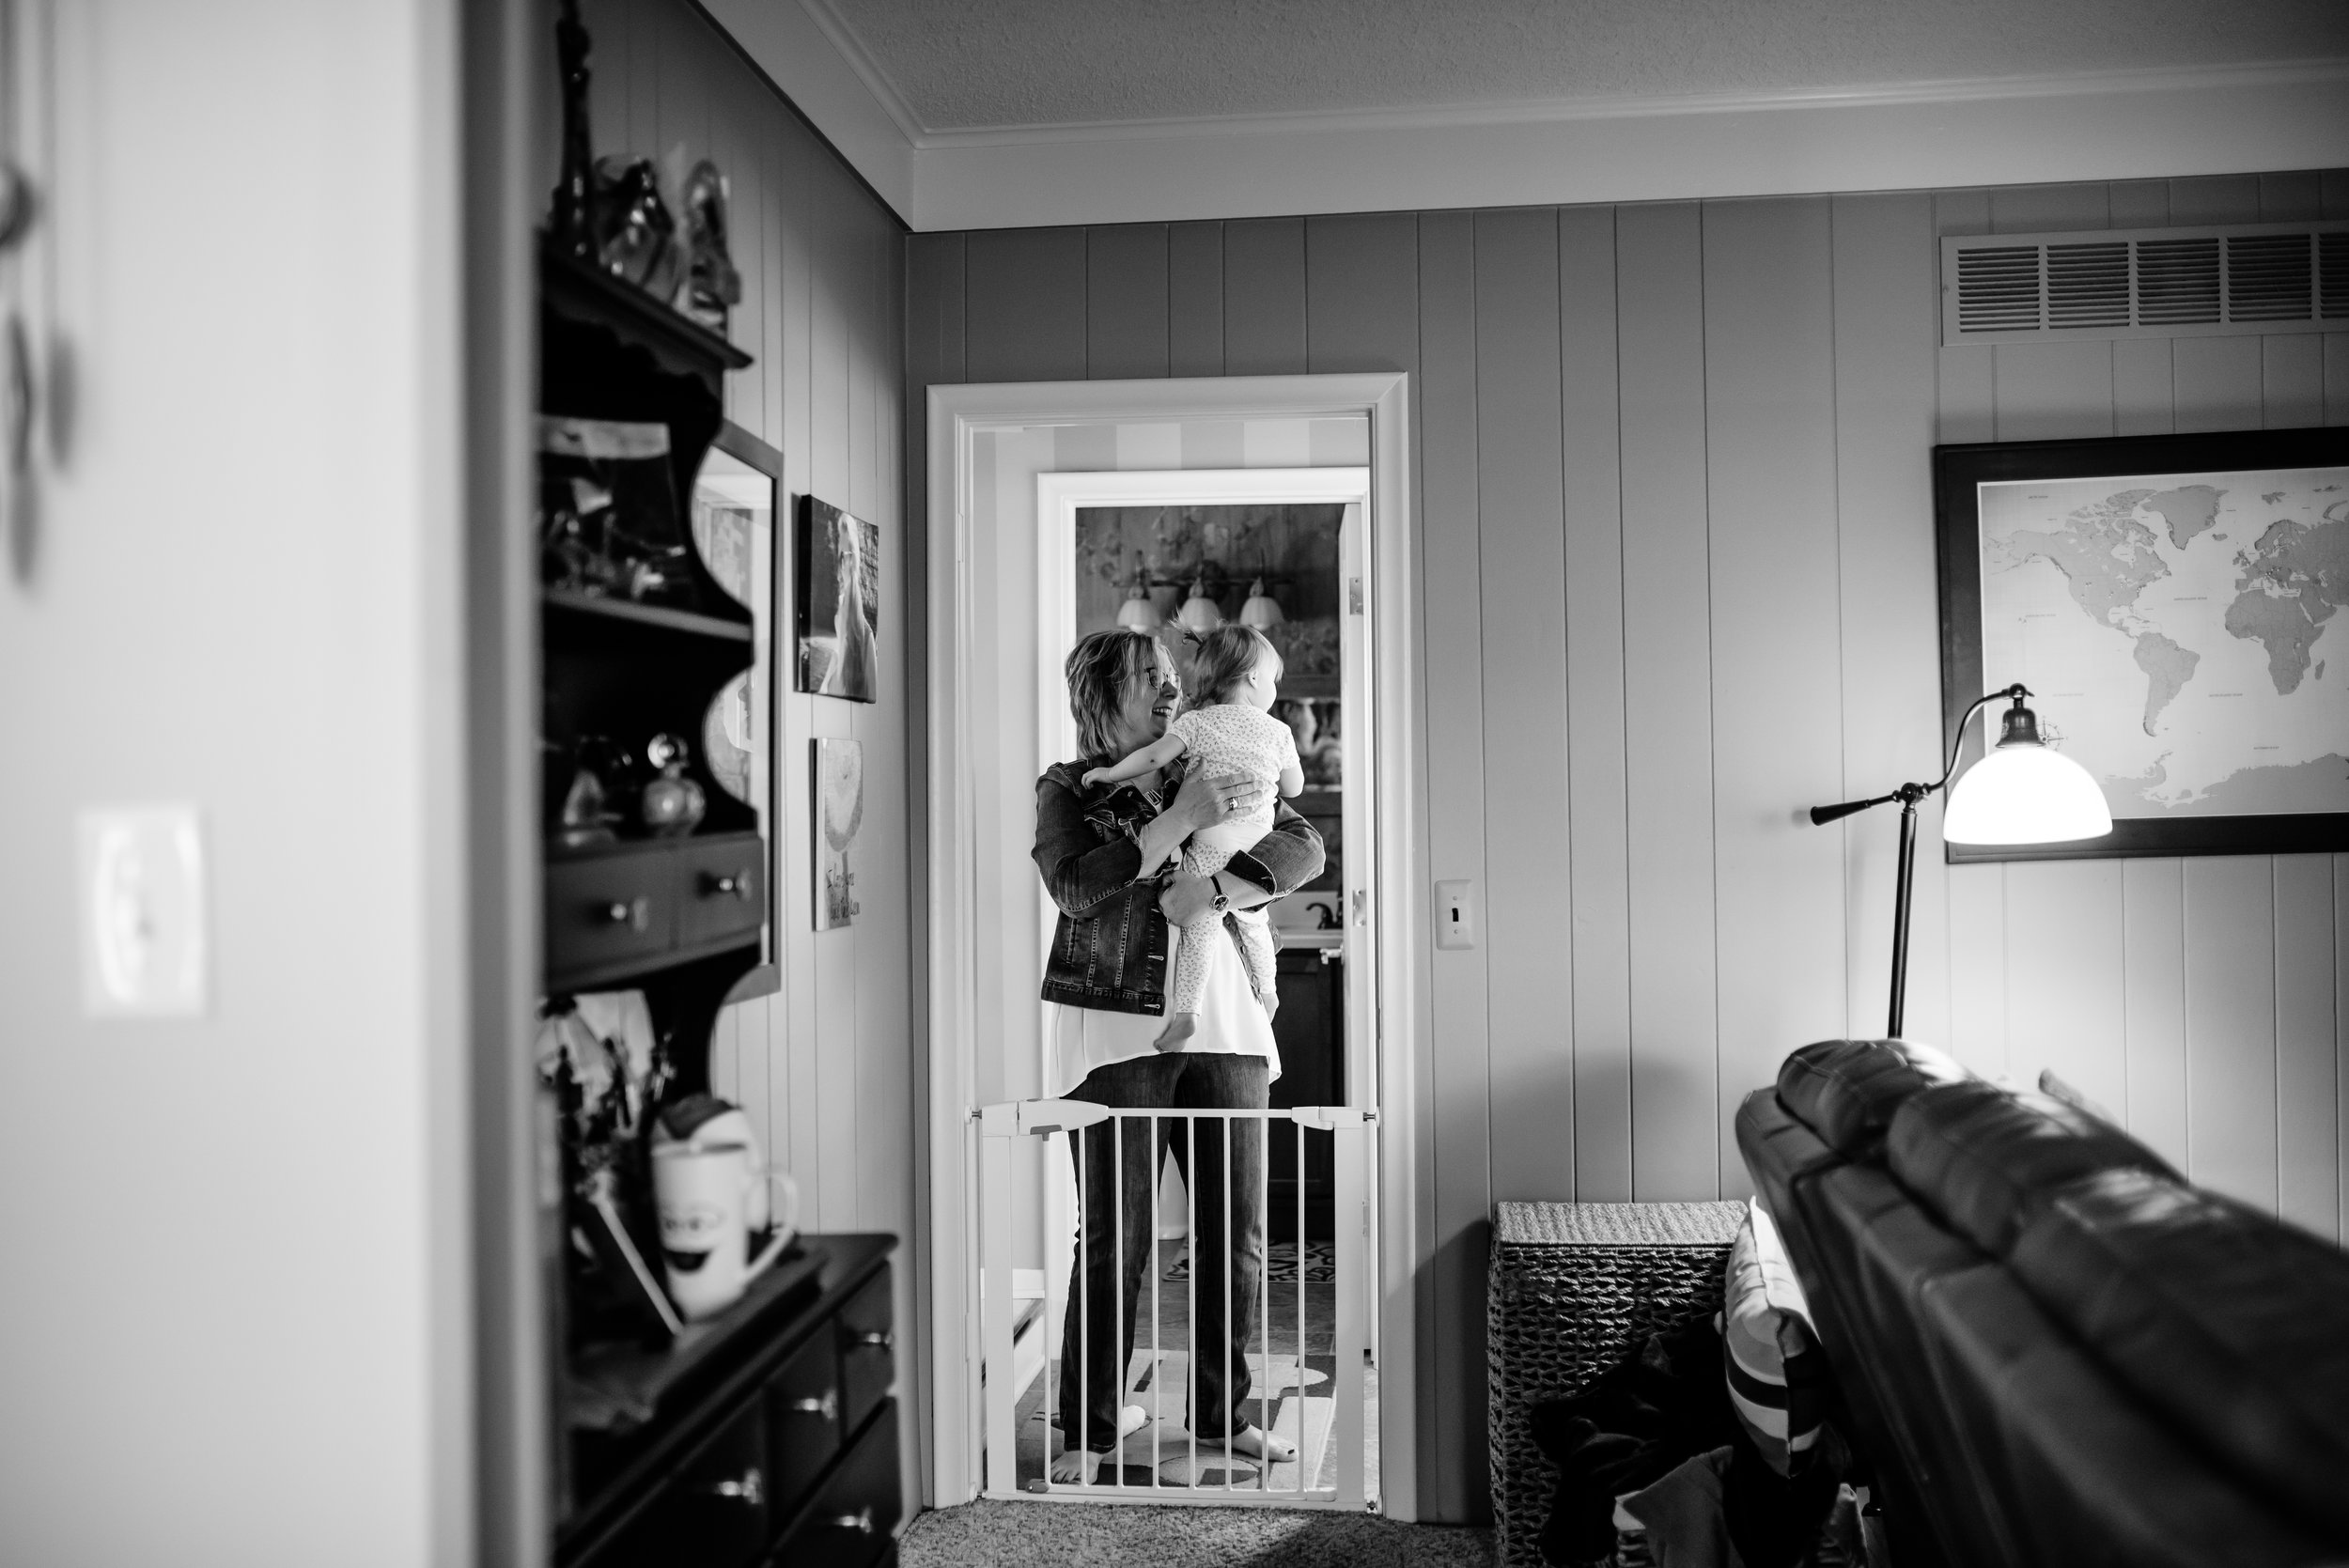 Grandma hugs girl in doorway